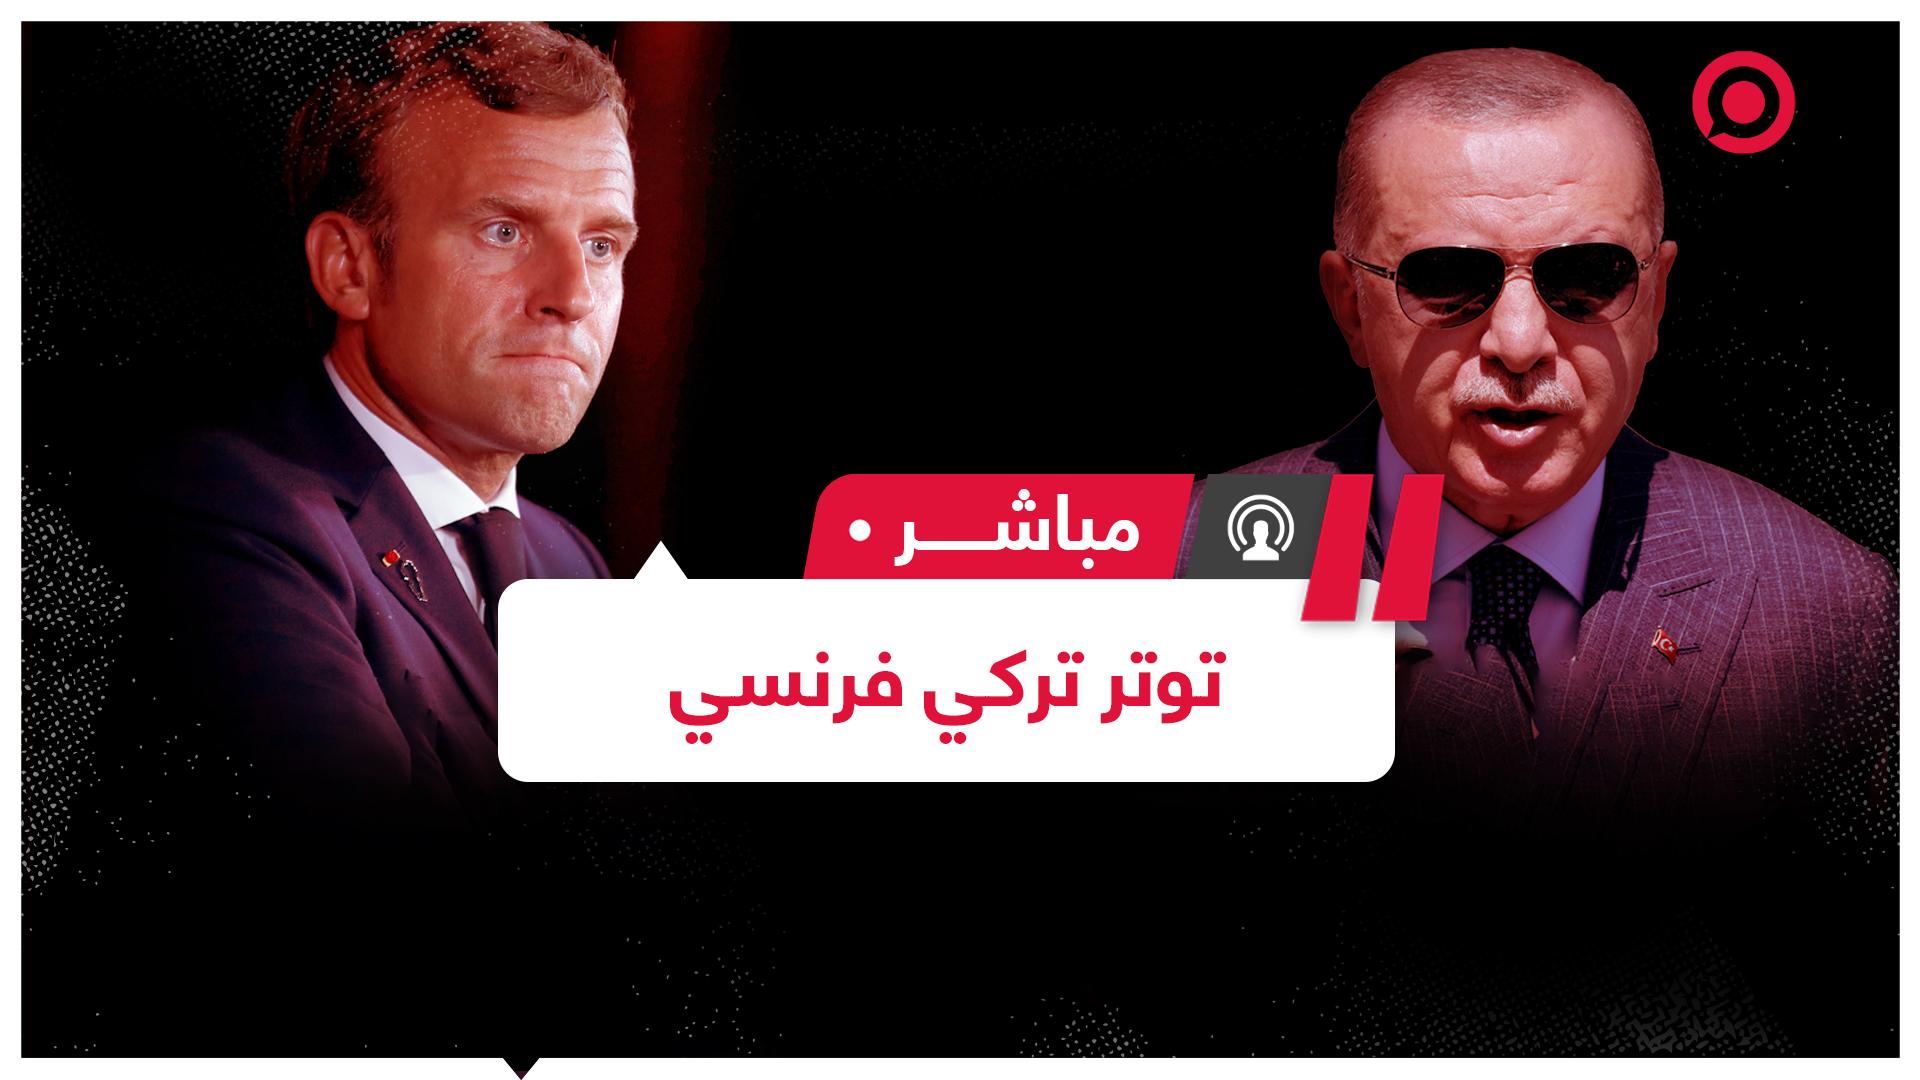 توتر تركي فرنسي والبرلمان الأوروبي يتضامن مع اليونان وقبرص ويتوعد أنقرة